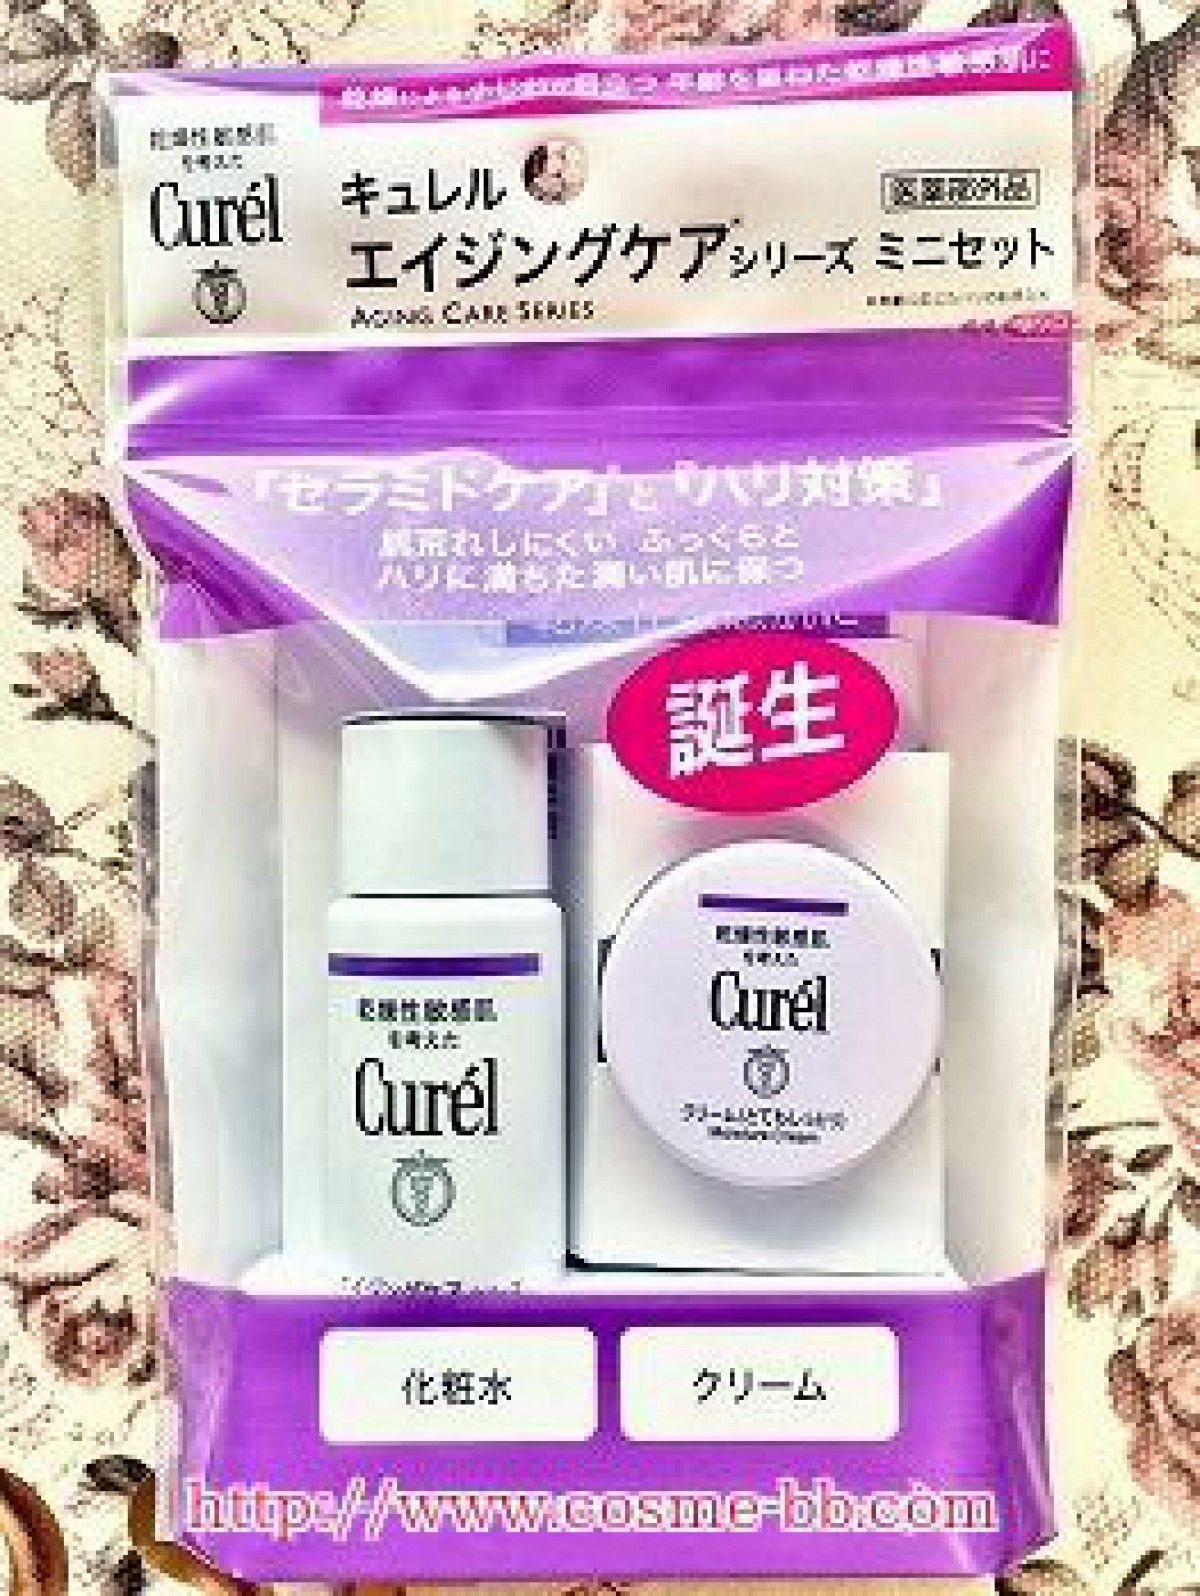 キュレル エイジングケアの化粧水とクリーム。乾燥性敏感肌のエイジング対策